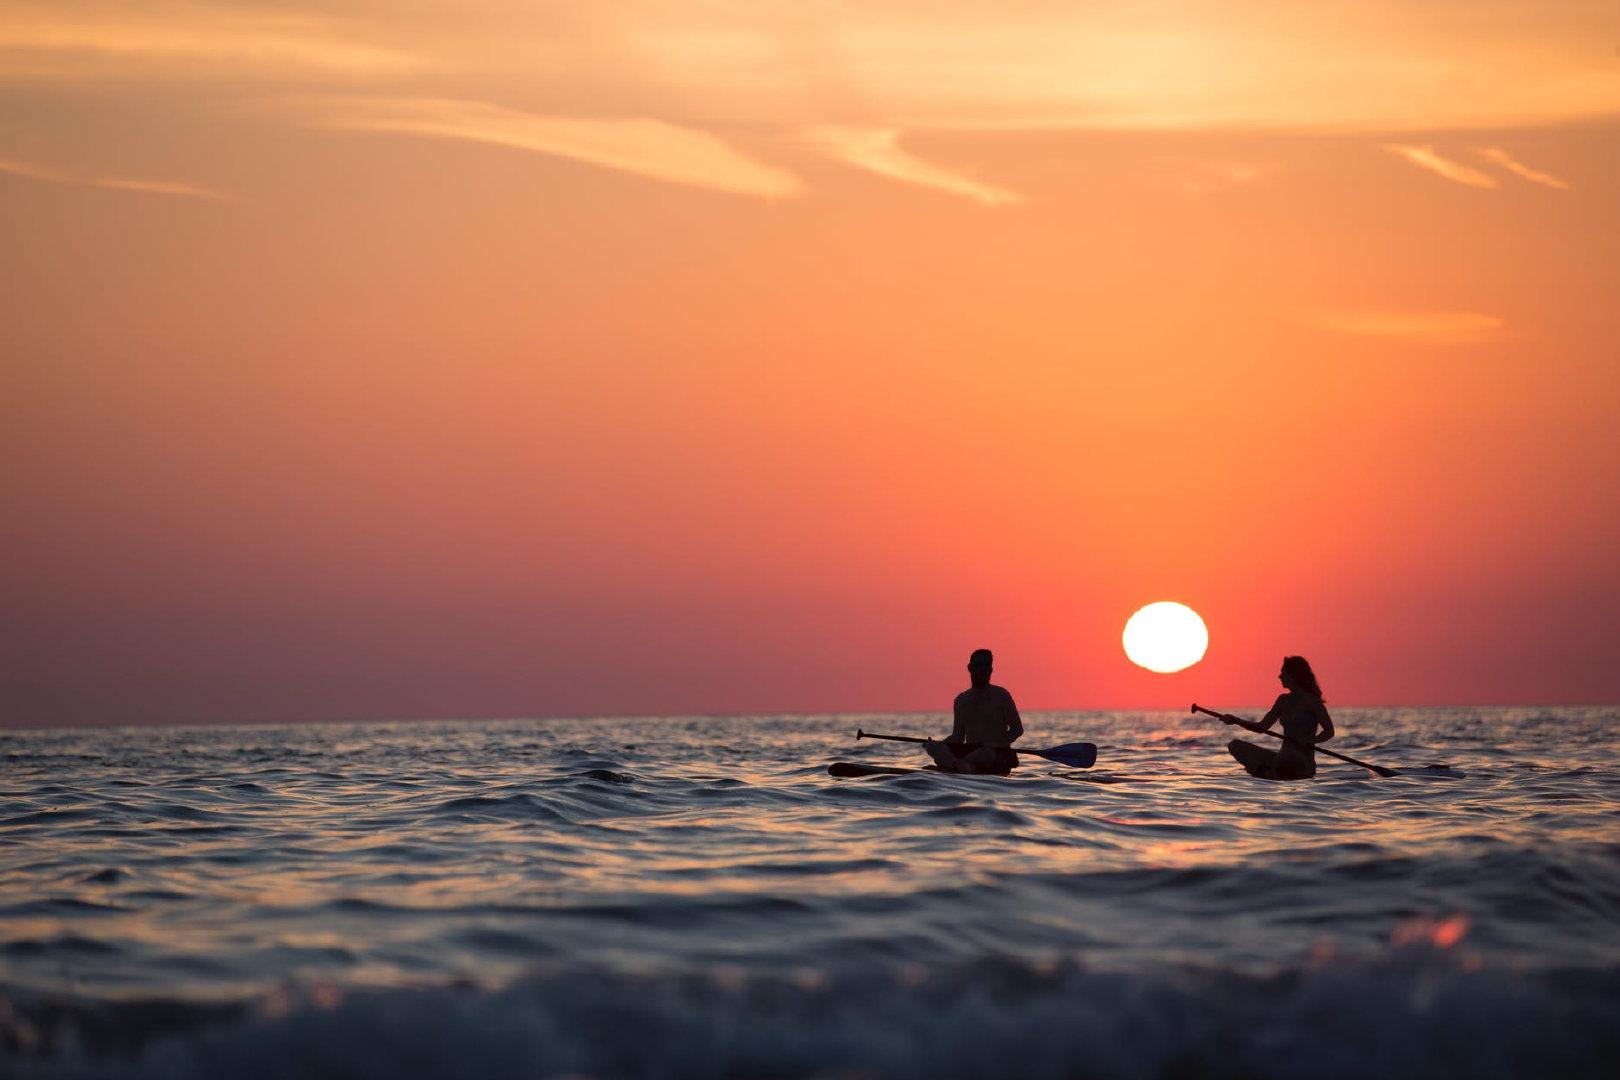 很多人会期待在世界上遇到一个和自己无比相似的人,跨越千山万水